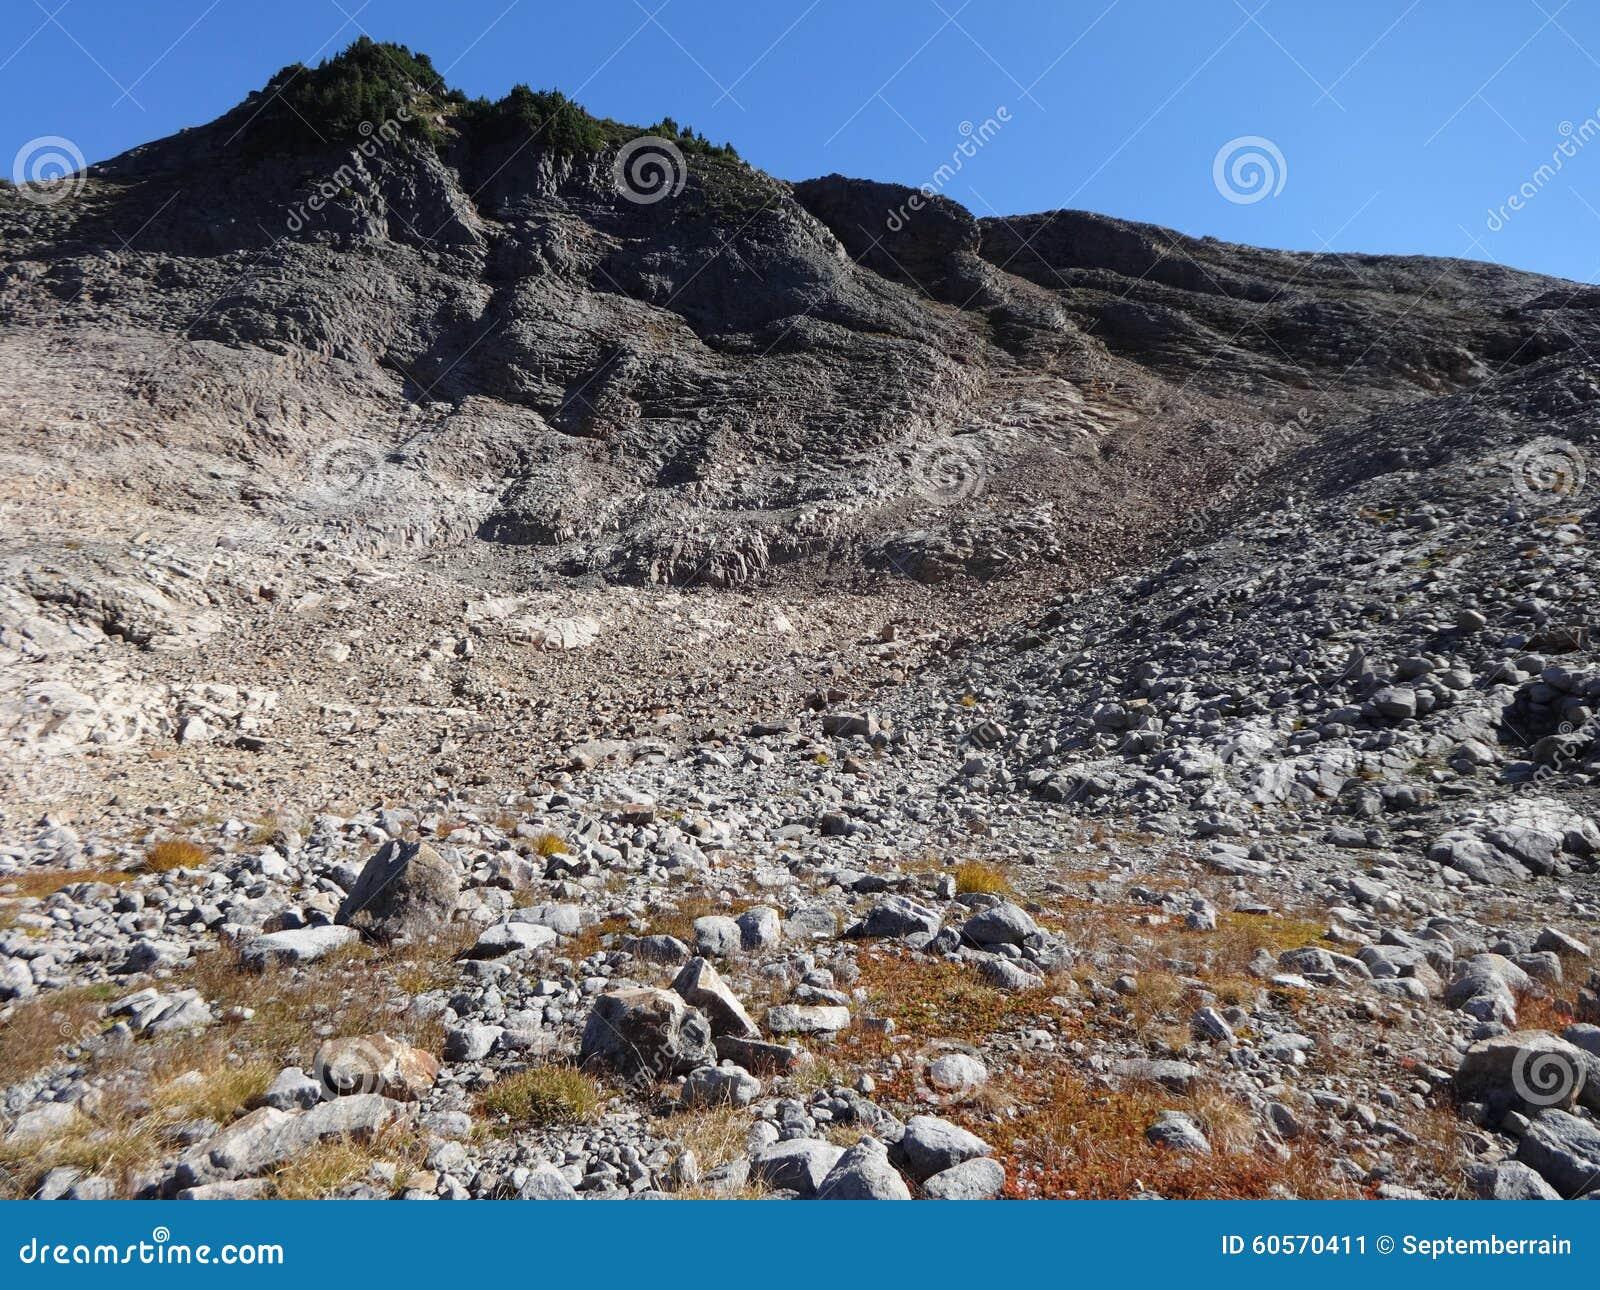 Volcanic Rock Formation, Washington Stock Image - Image of